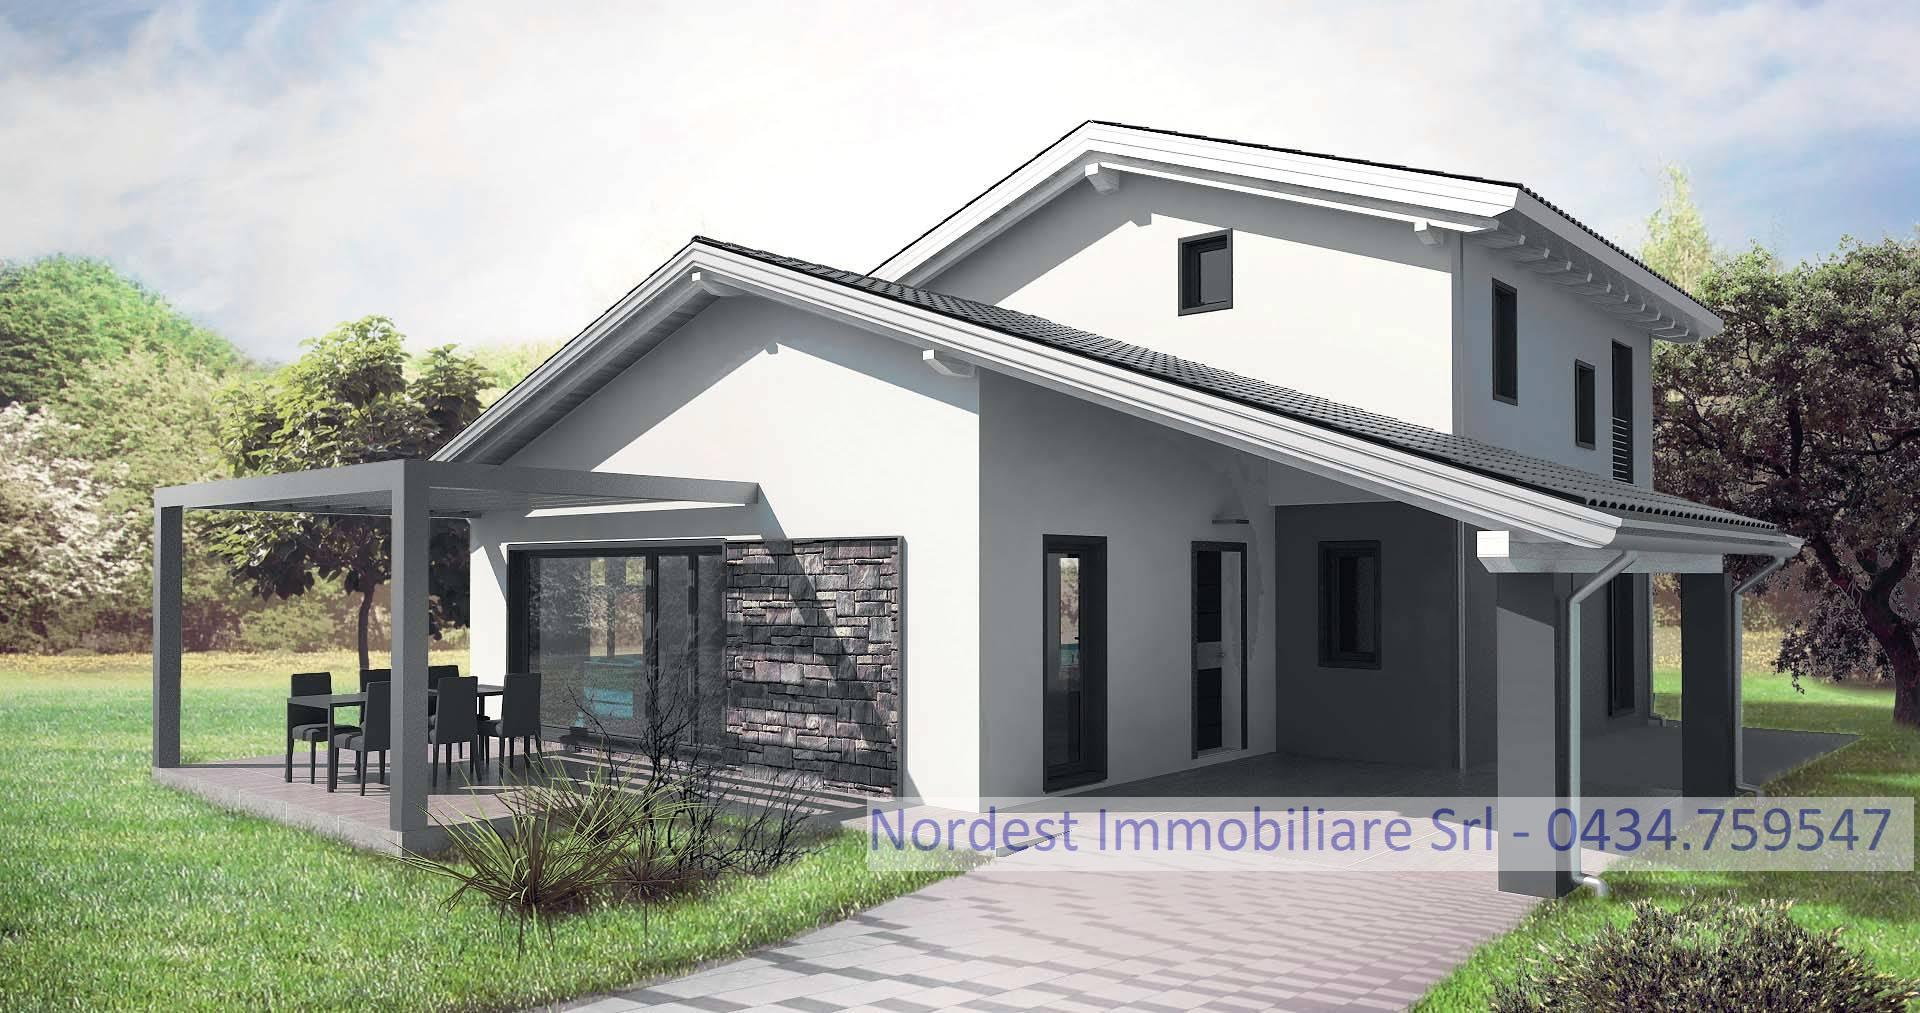 Soluzione Indipendente in vendita a Gruaro, 6 locali, prezzo € 160.000 | CambioCasa.it